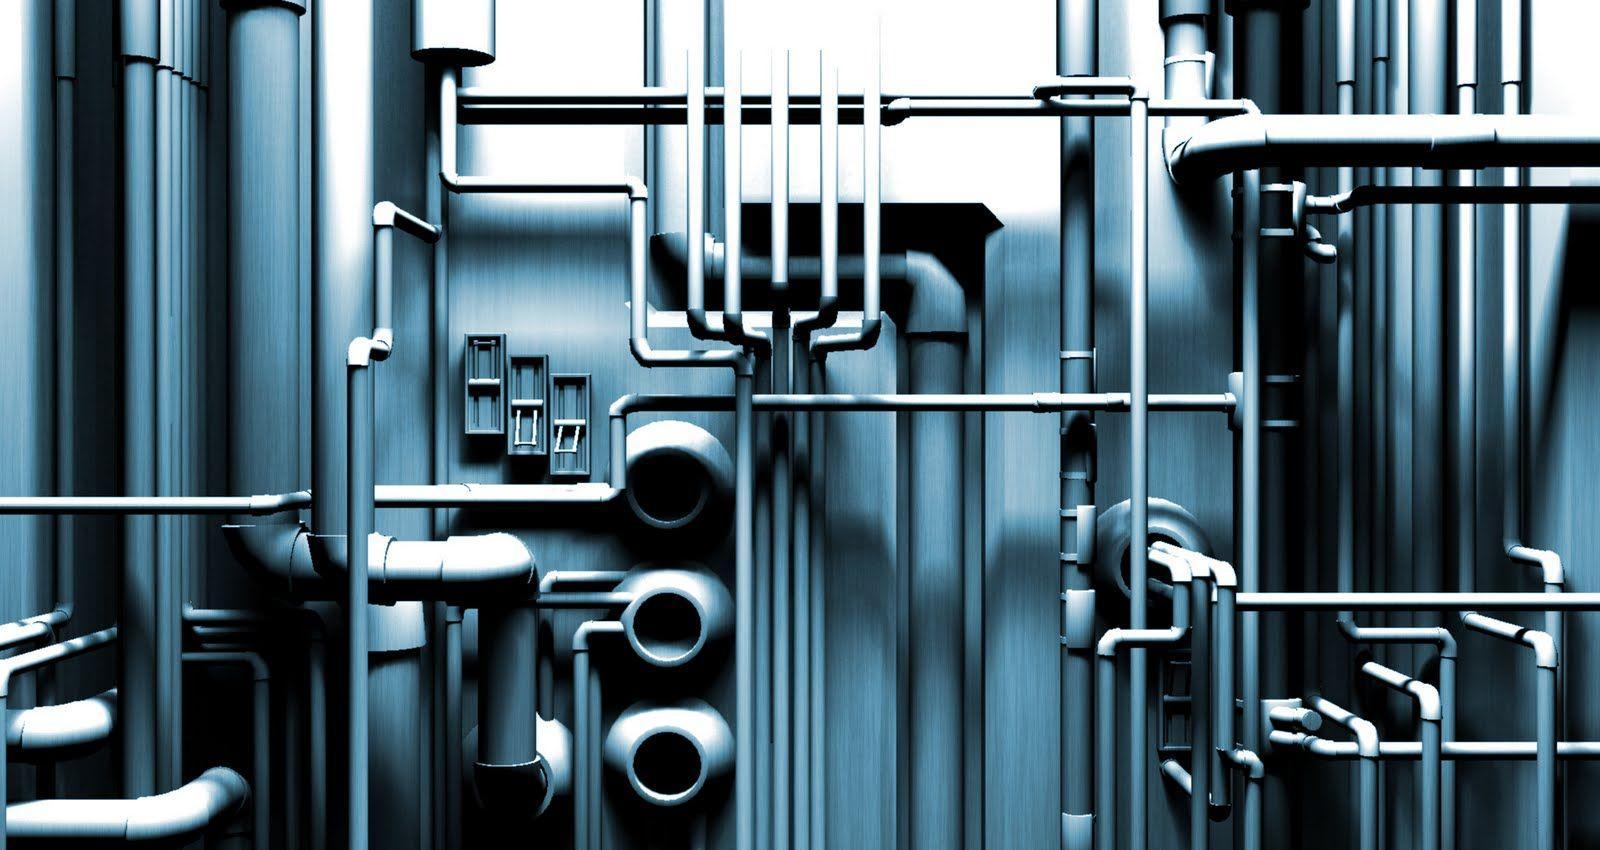 Plumbing Desktop Wallpapers - Top Free Plumbing Desktop ...  Plumbing Deskto...